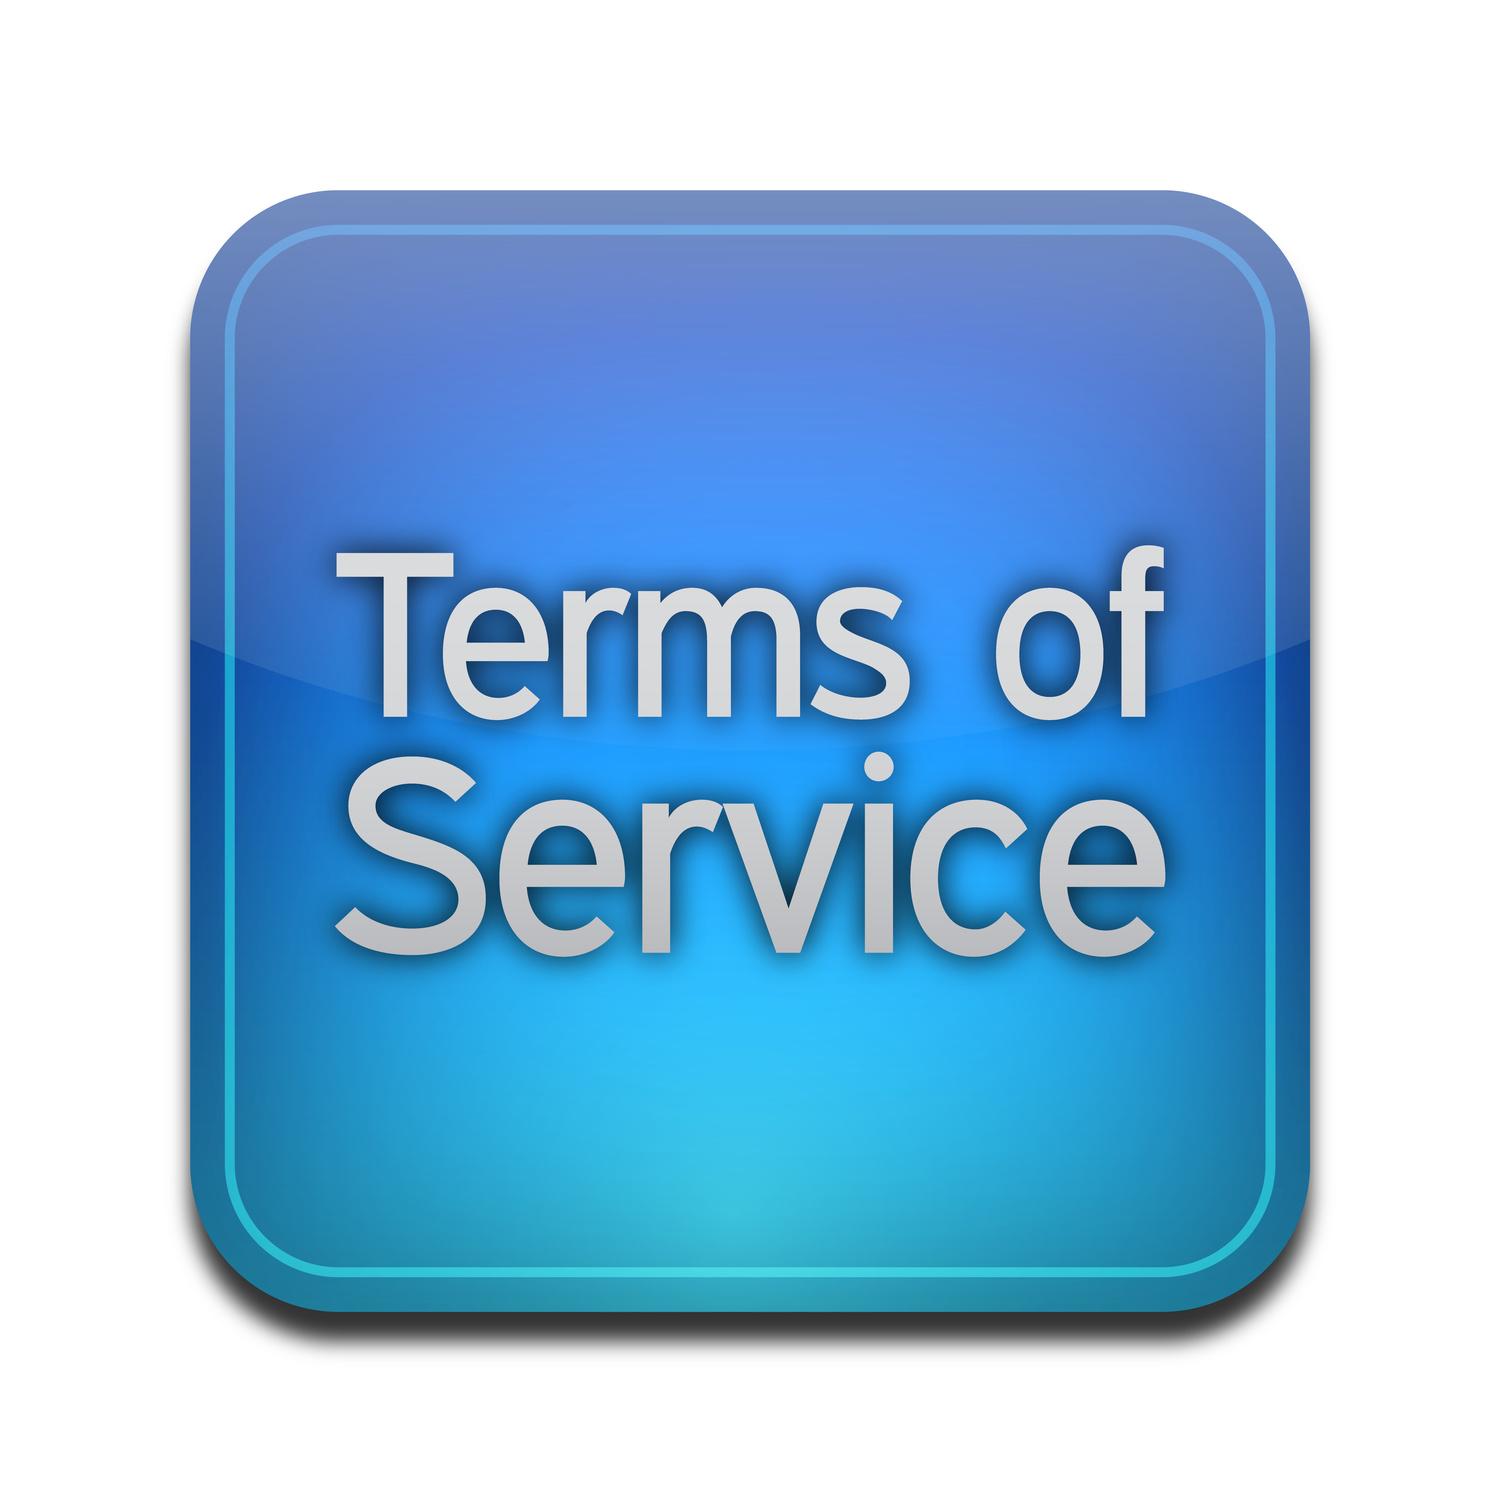 Terms of service adobestock_33691210 jpg